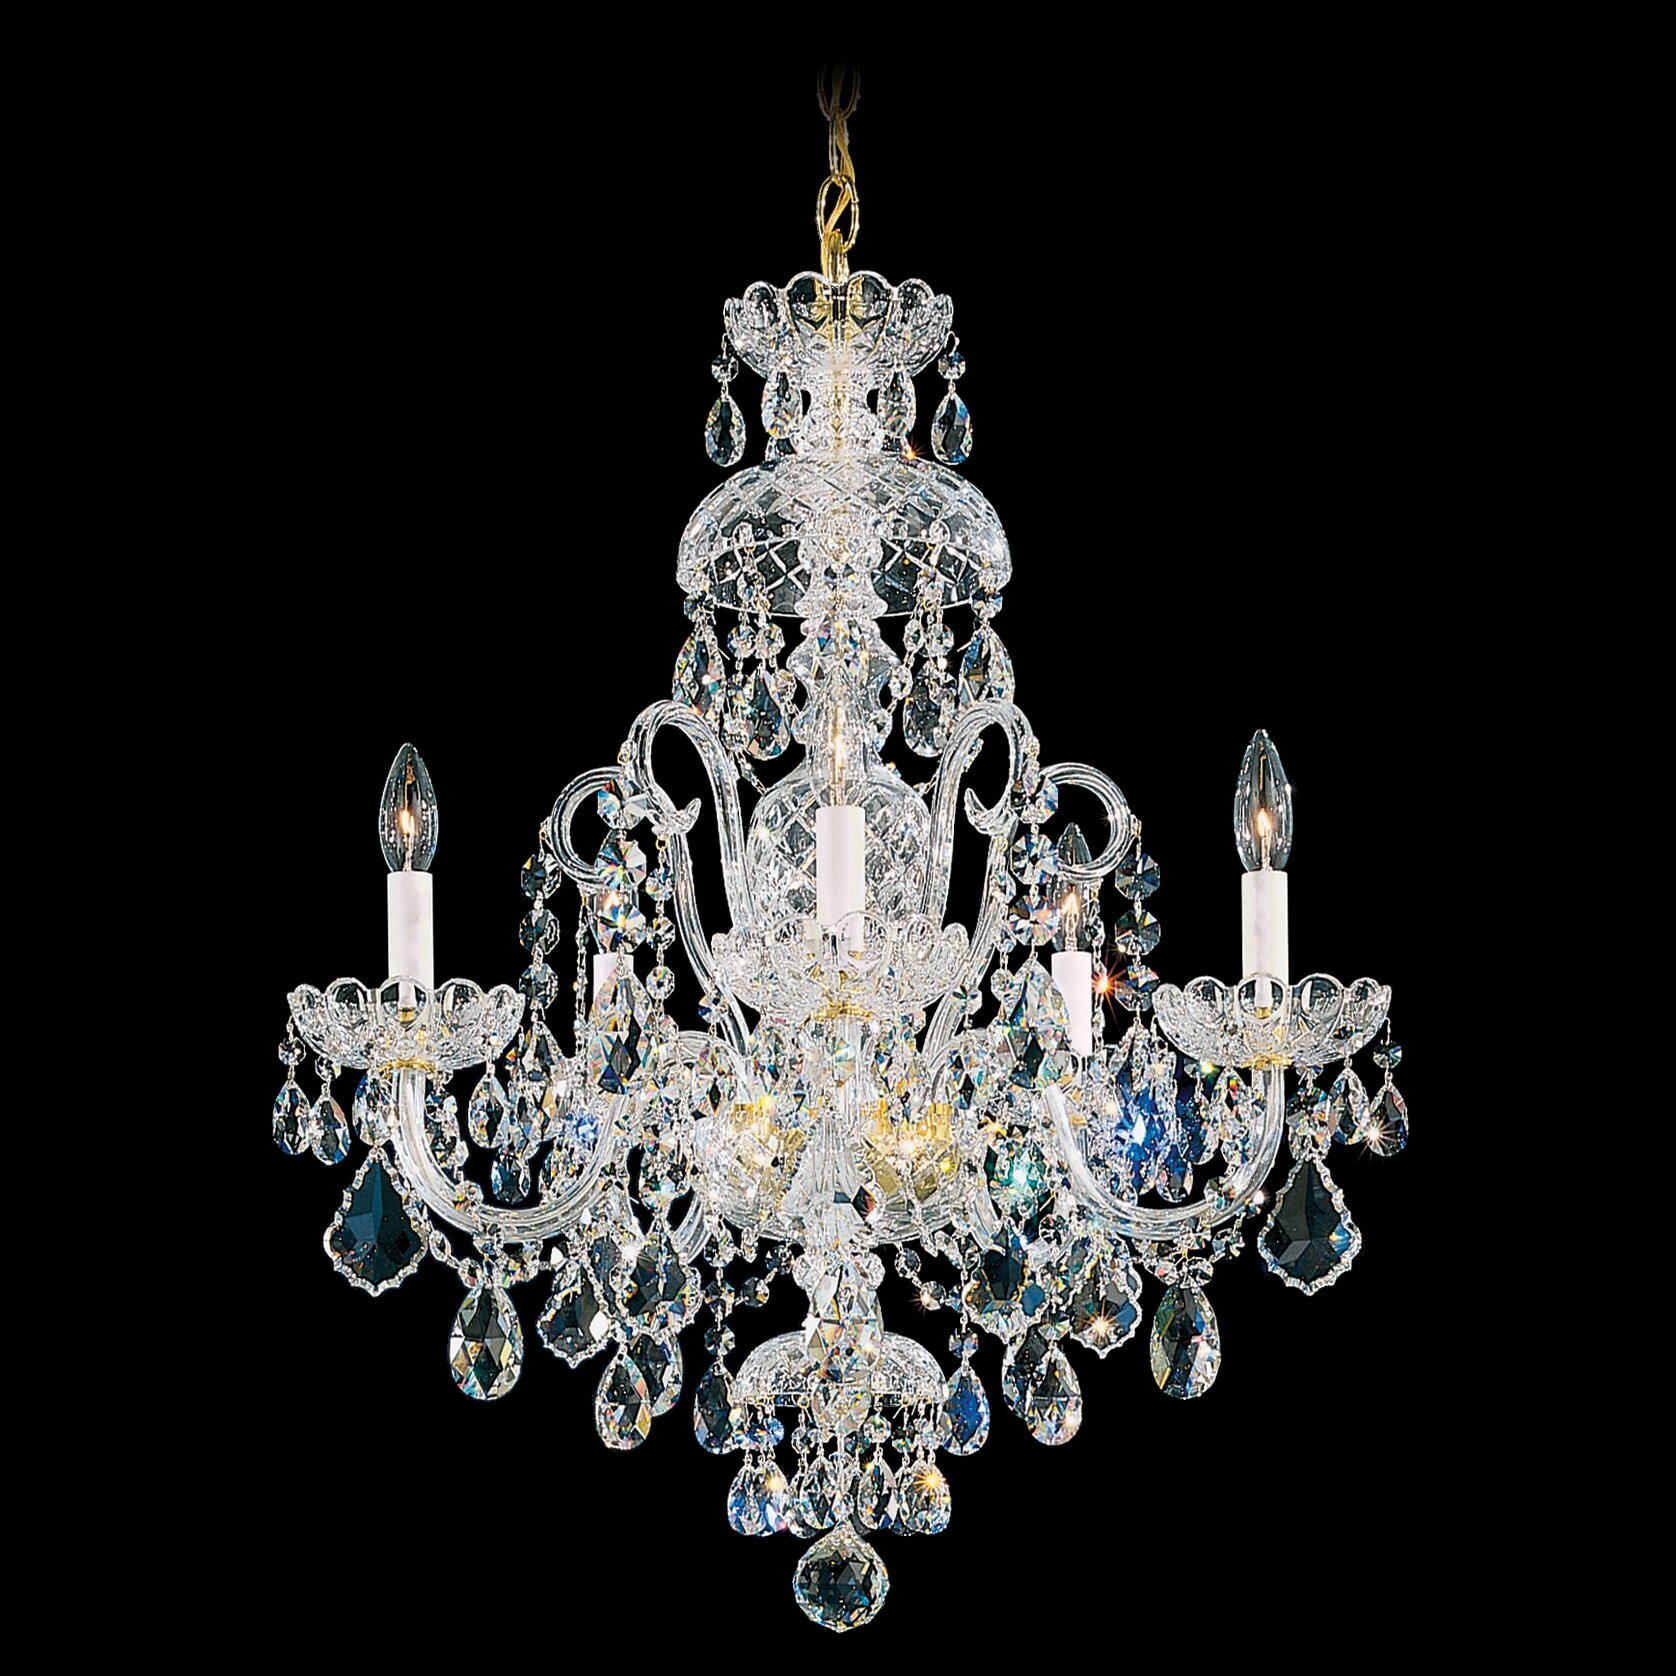 Schonbek Chandelier Wayfair: Schonbek Olde World 5 Light Crystal Chandelier